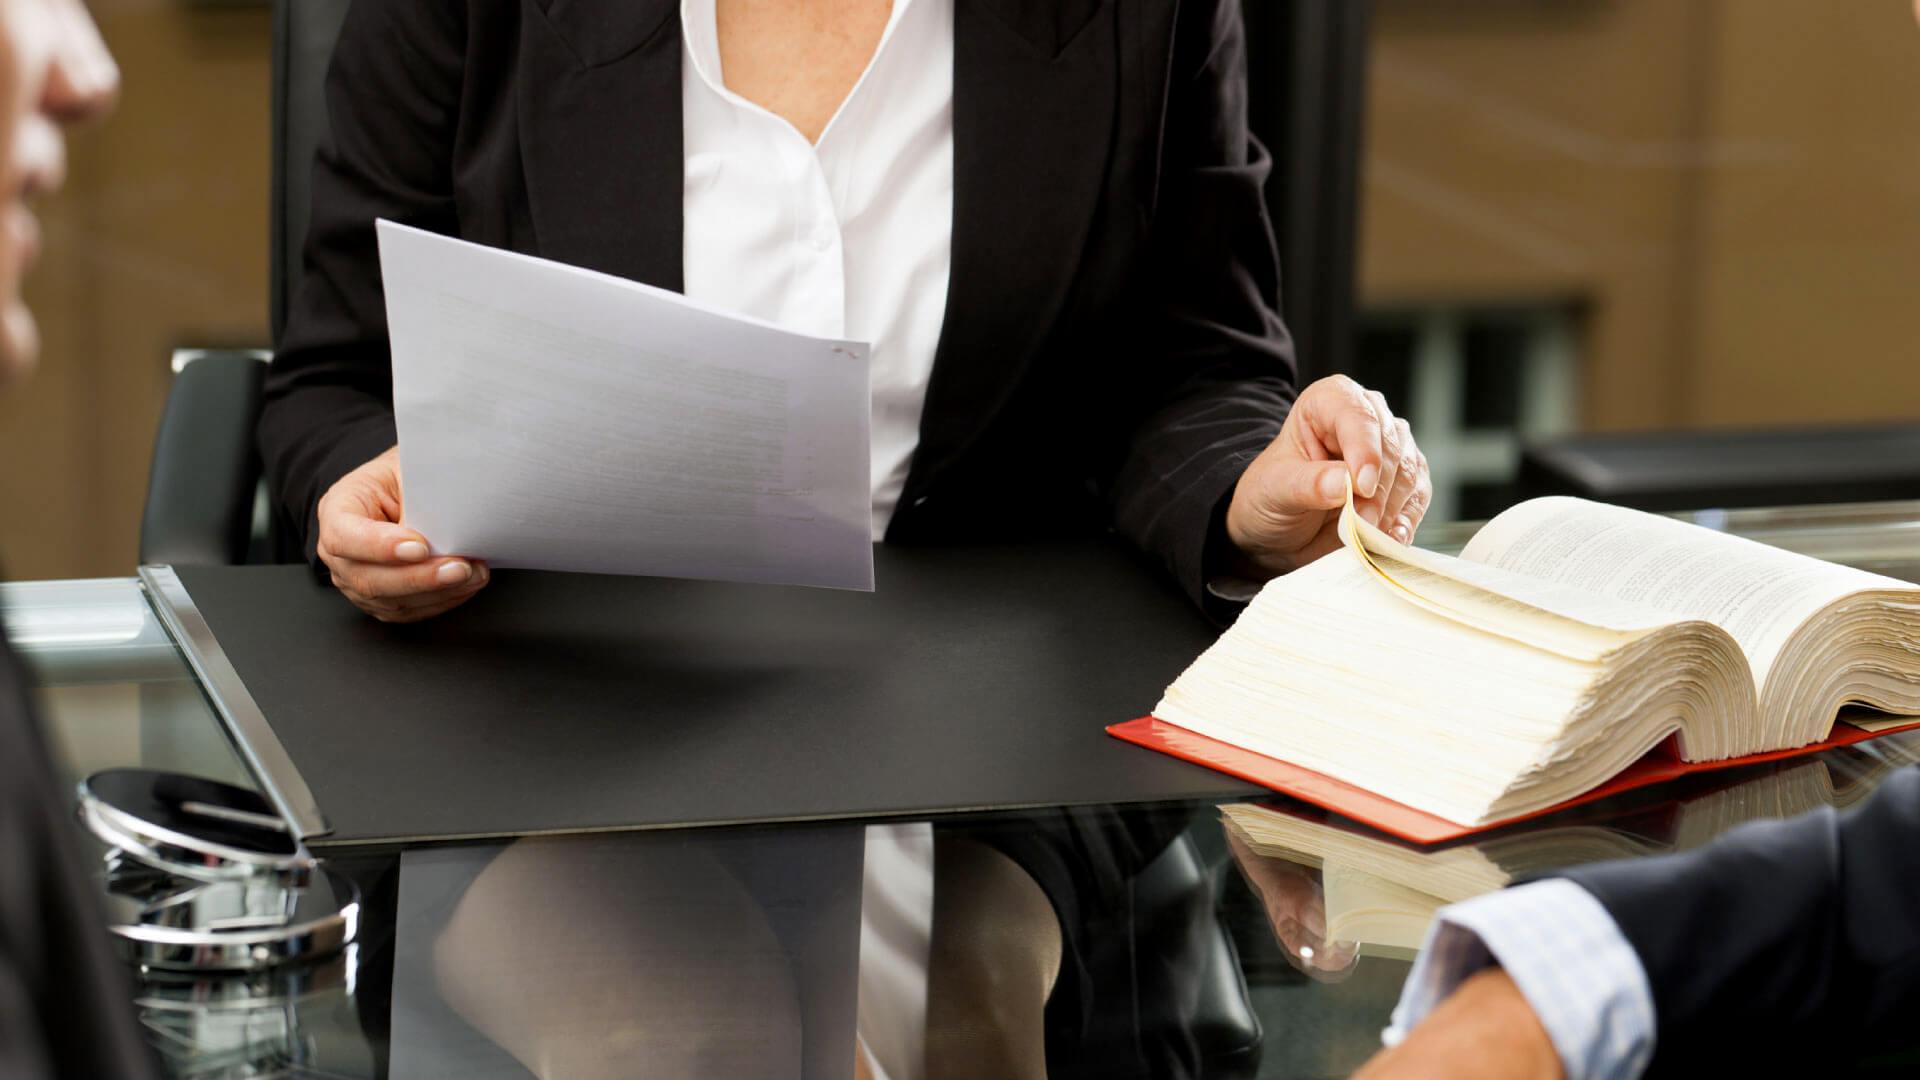 онлайн курс судебный юрист